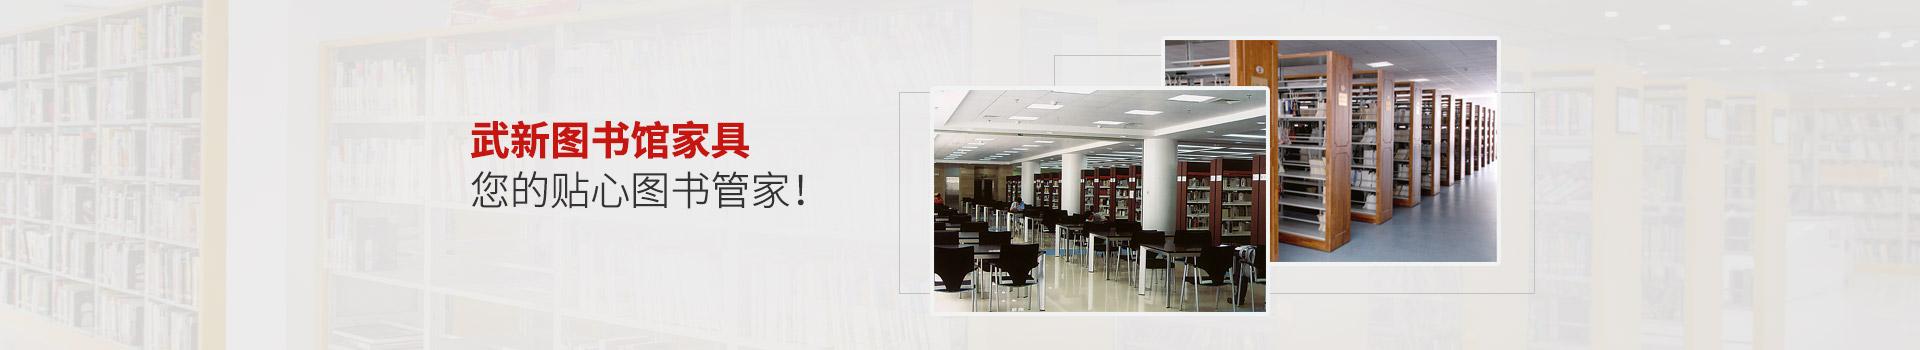 武新图书馆家具 您的贴心图书管家!